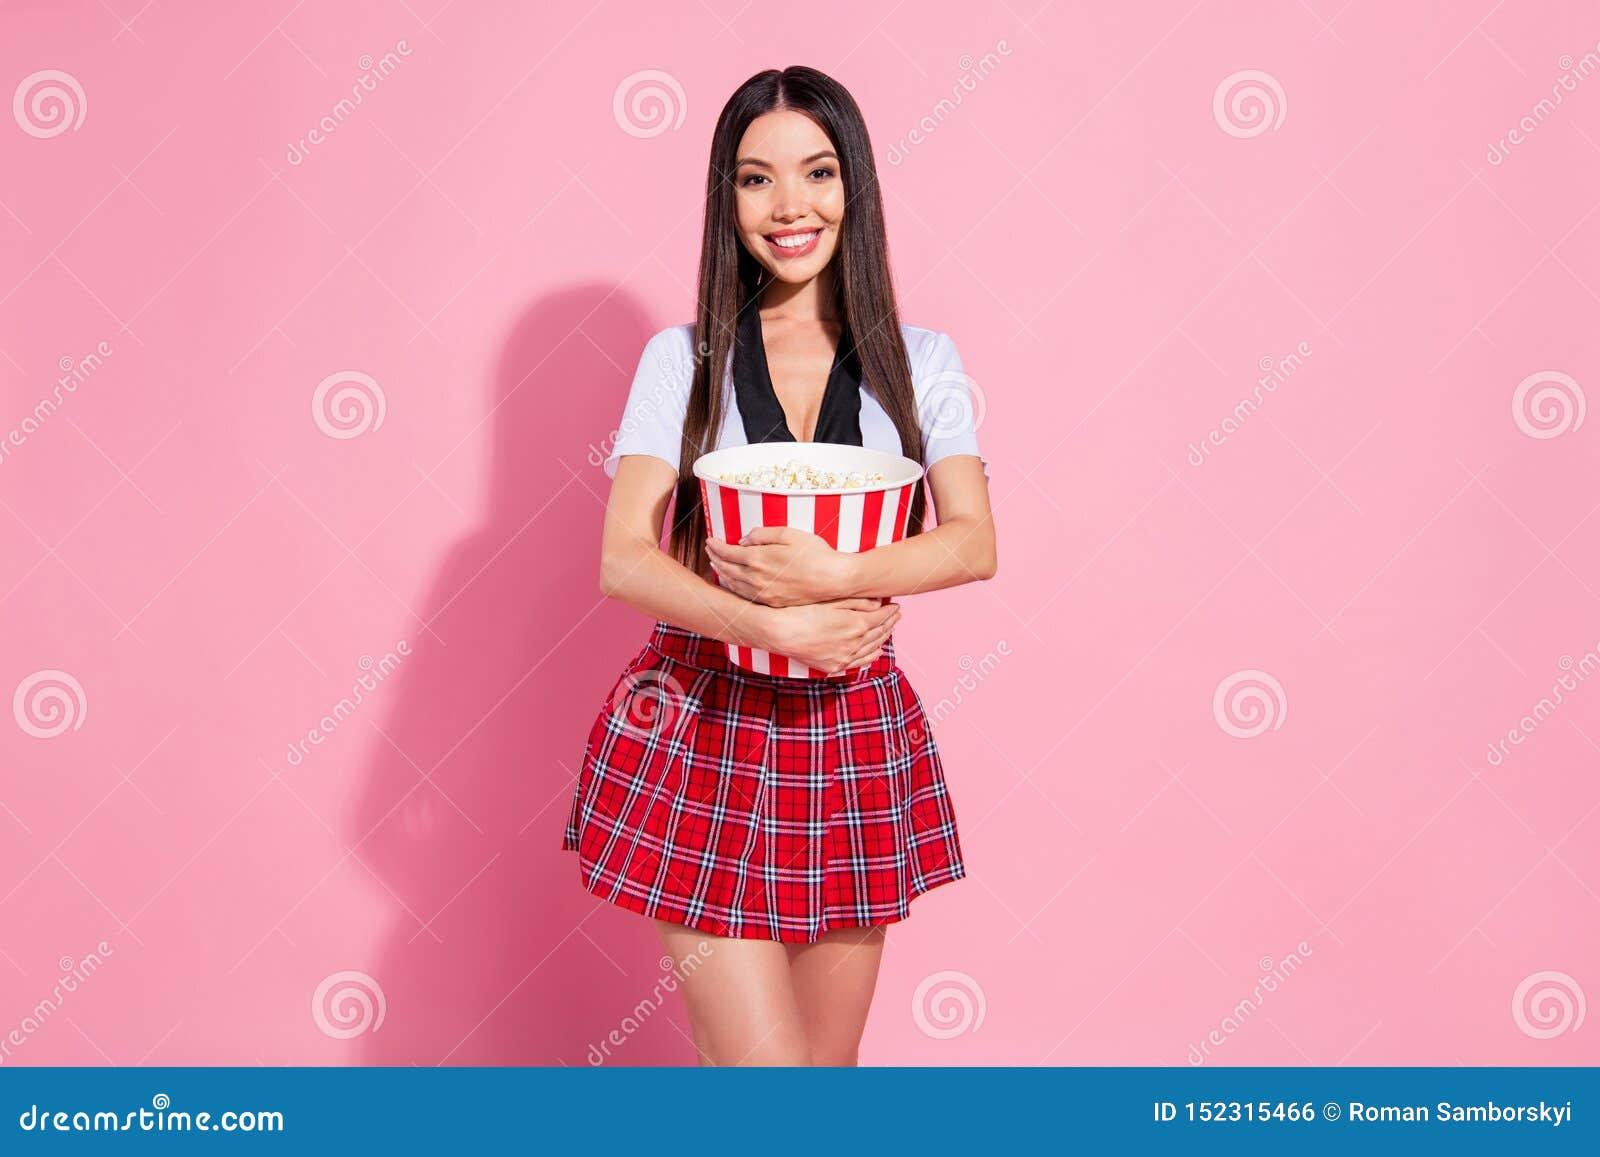 Foto de la comedia romántica de la señora del control de las manos de las palomitas del reloj hermoso del envase llevar rosa aisl